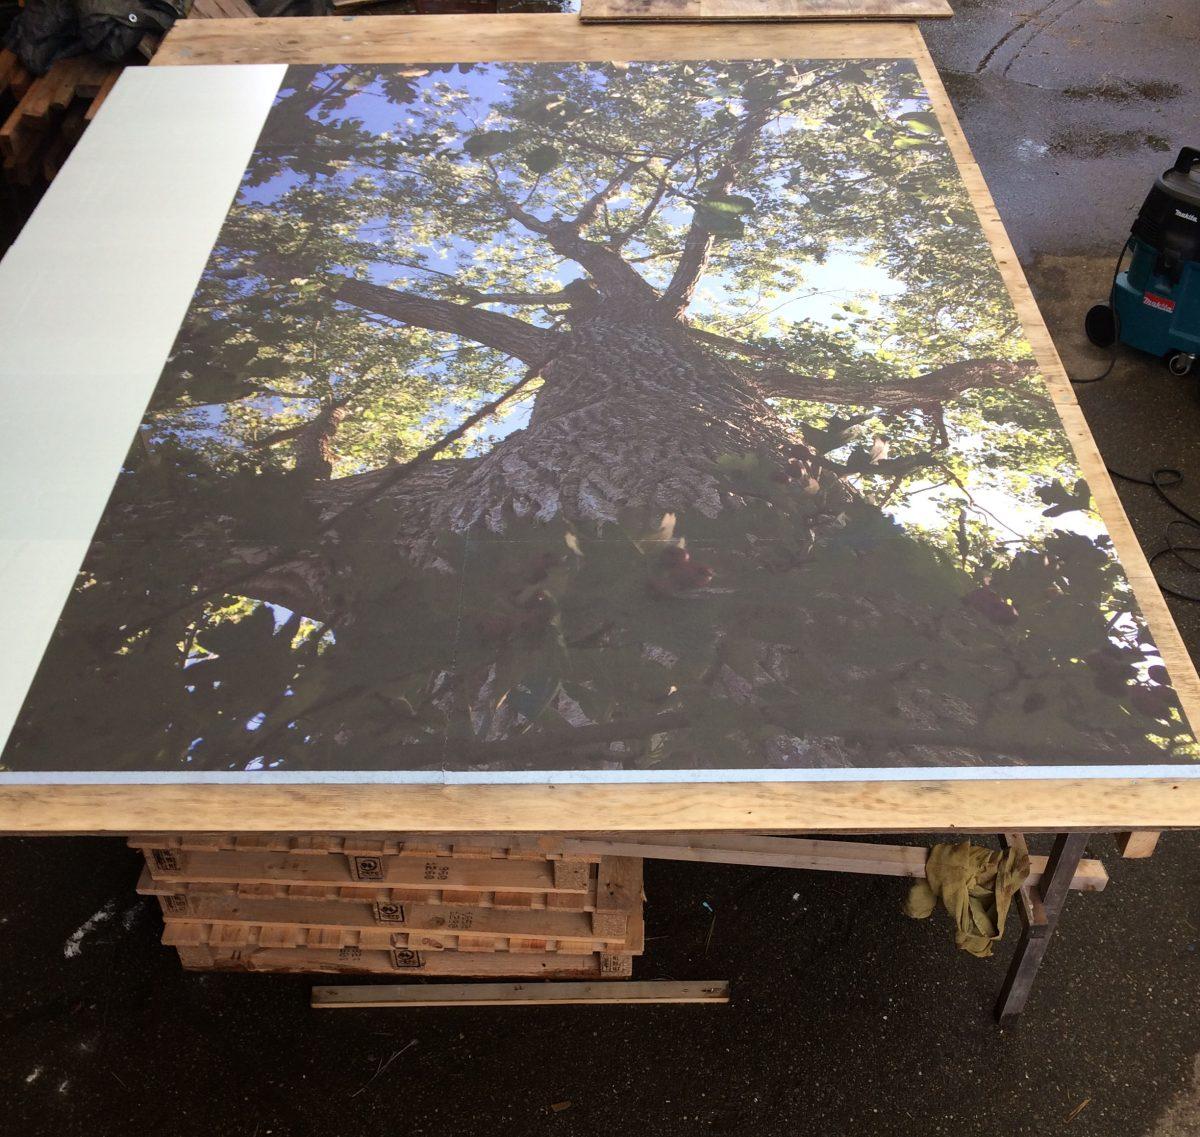 10 platen beprint